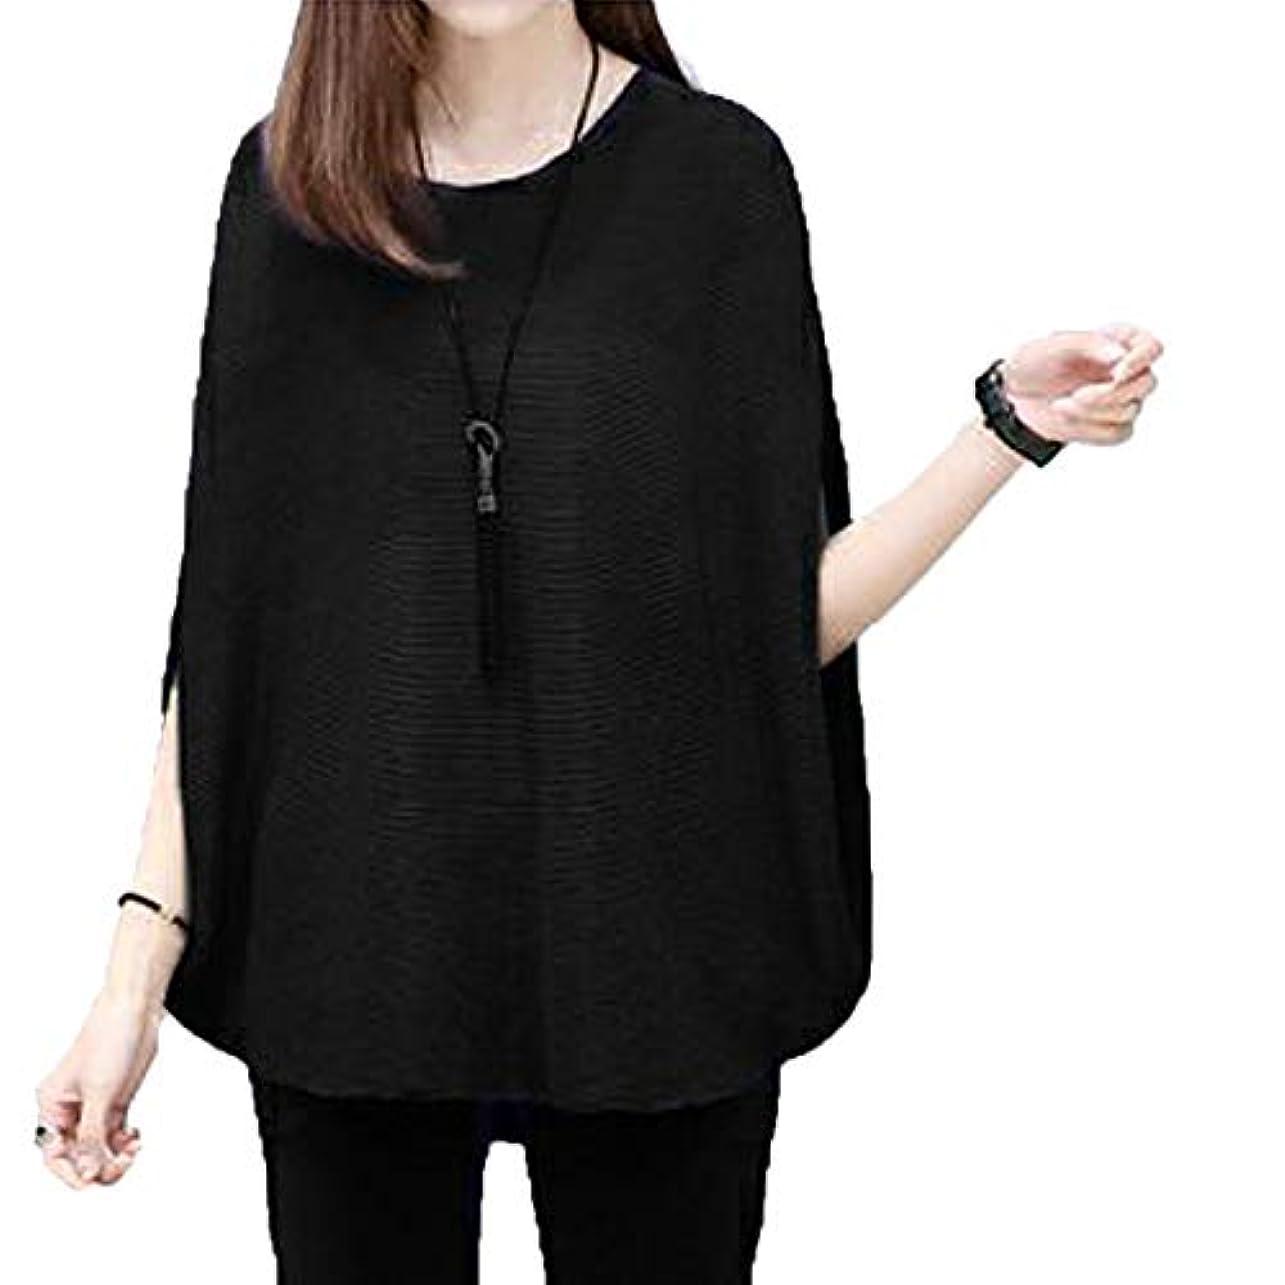 打ち上げるタブレット乙女[ココチエ] レディース トップス Tシャツ 二の腕 カバー 半袖 ノースリーブ プルオーバー ゆったり 大人体型 体型カバー おおきいサイズ おしゃれ 黒 ネイビー